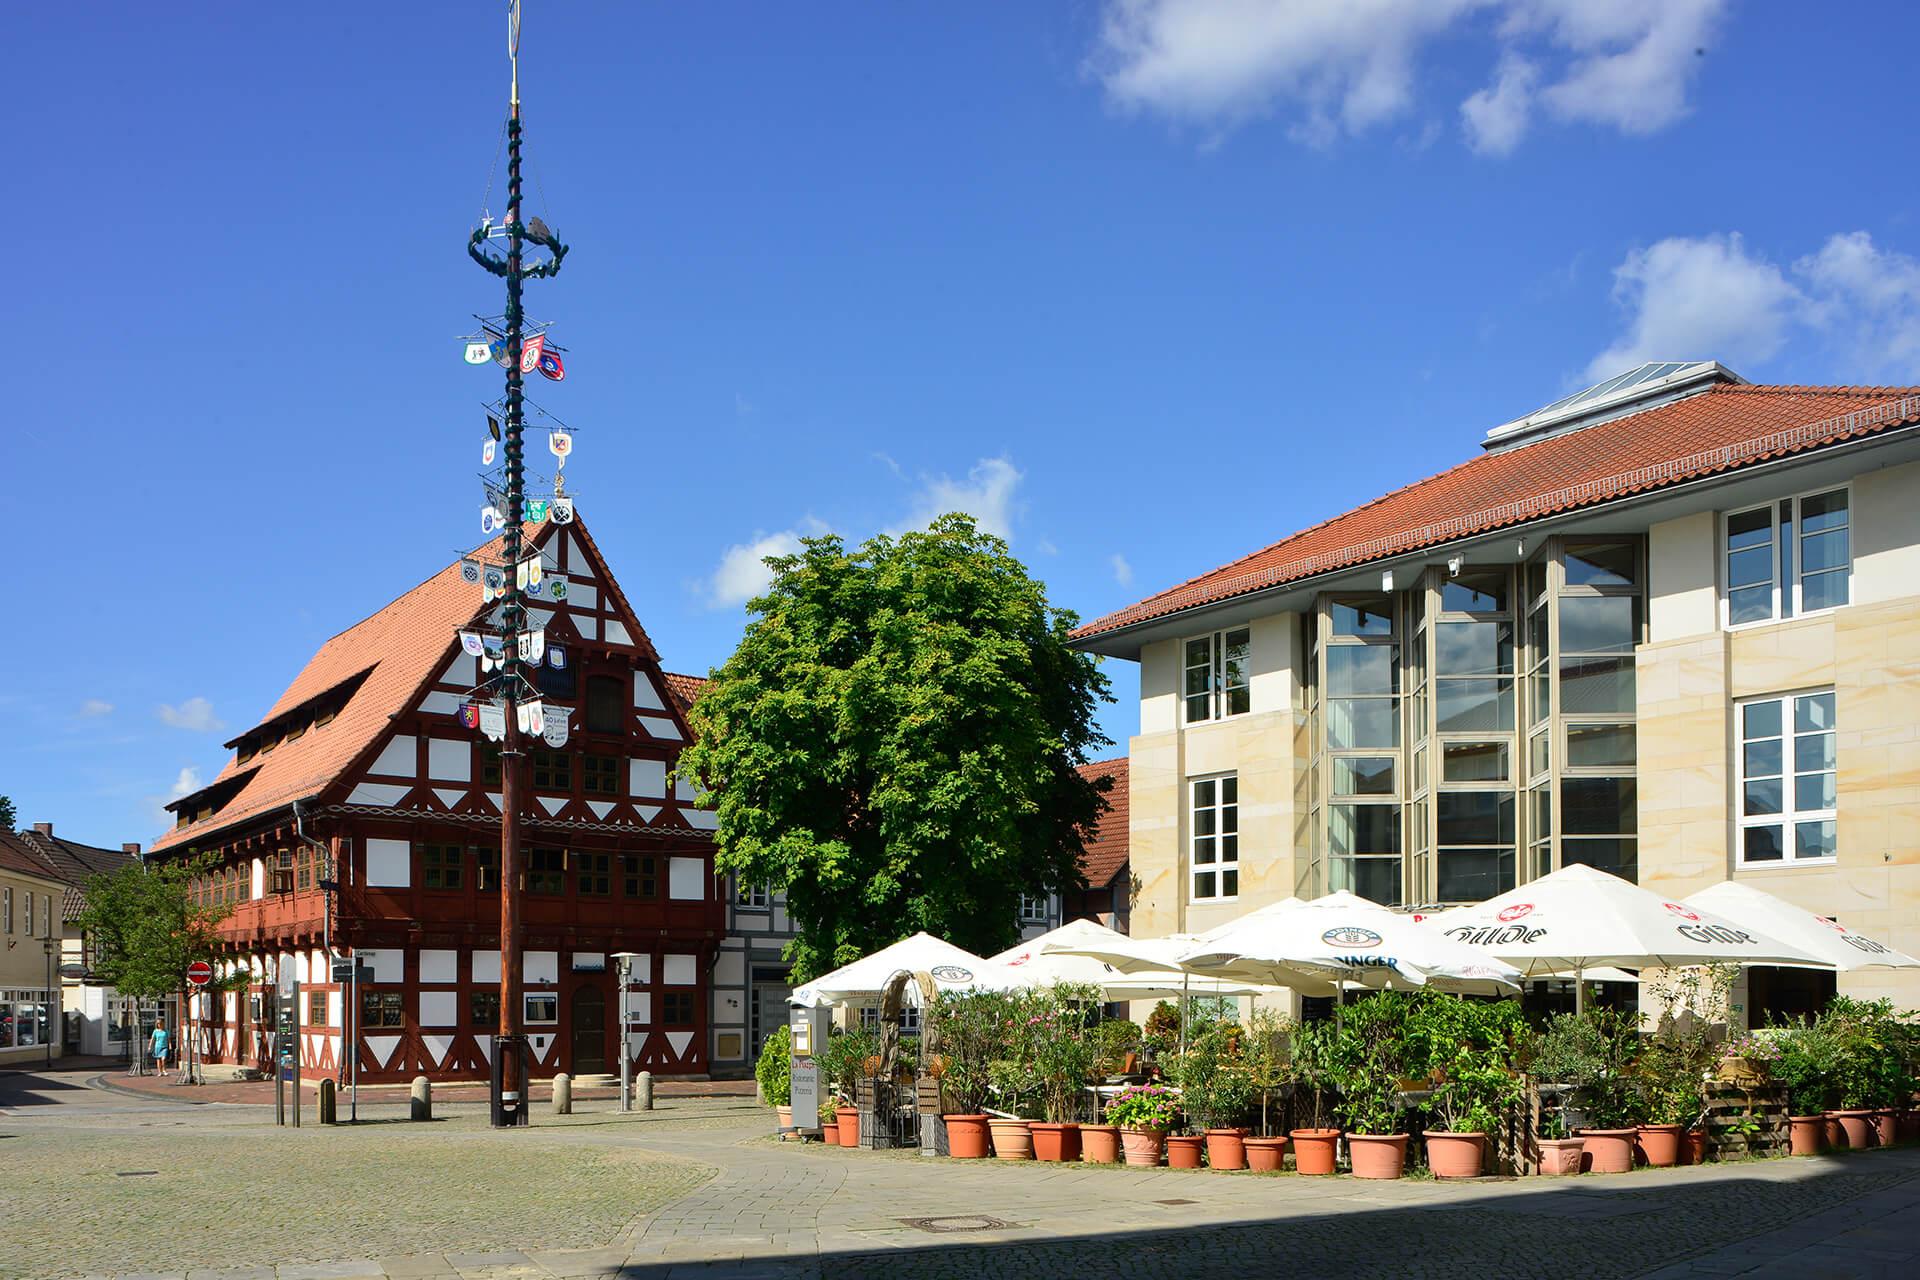 Blick auf den Gifhorner Marktplatz